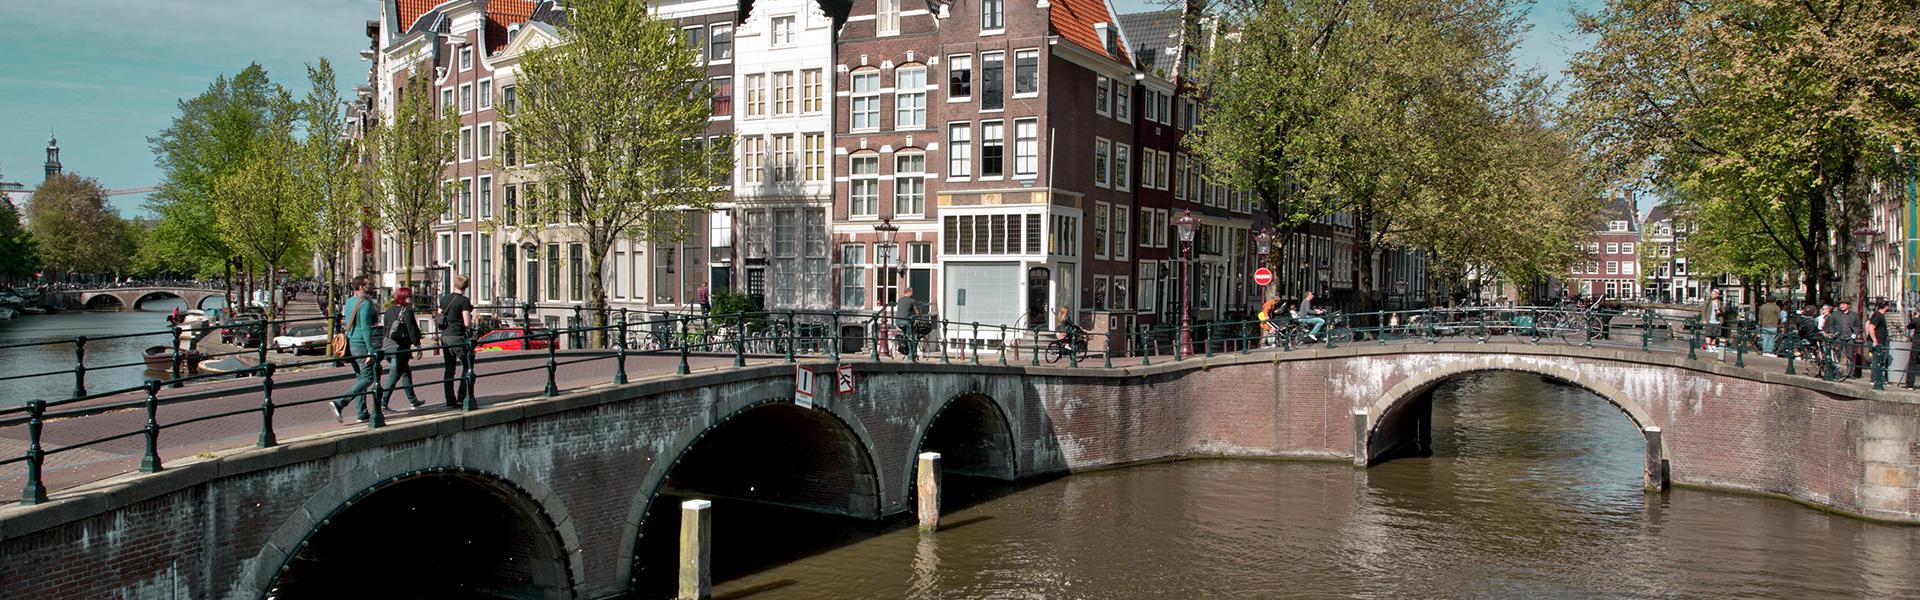 Makelaar-Amsterdam-Grachten